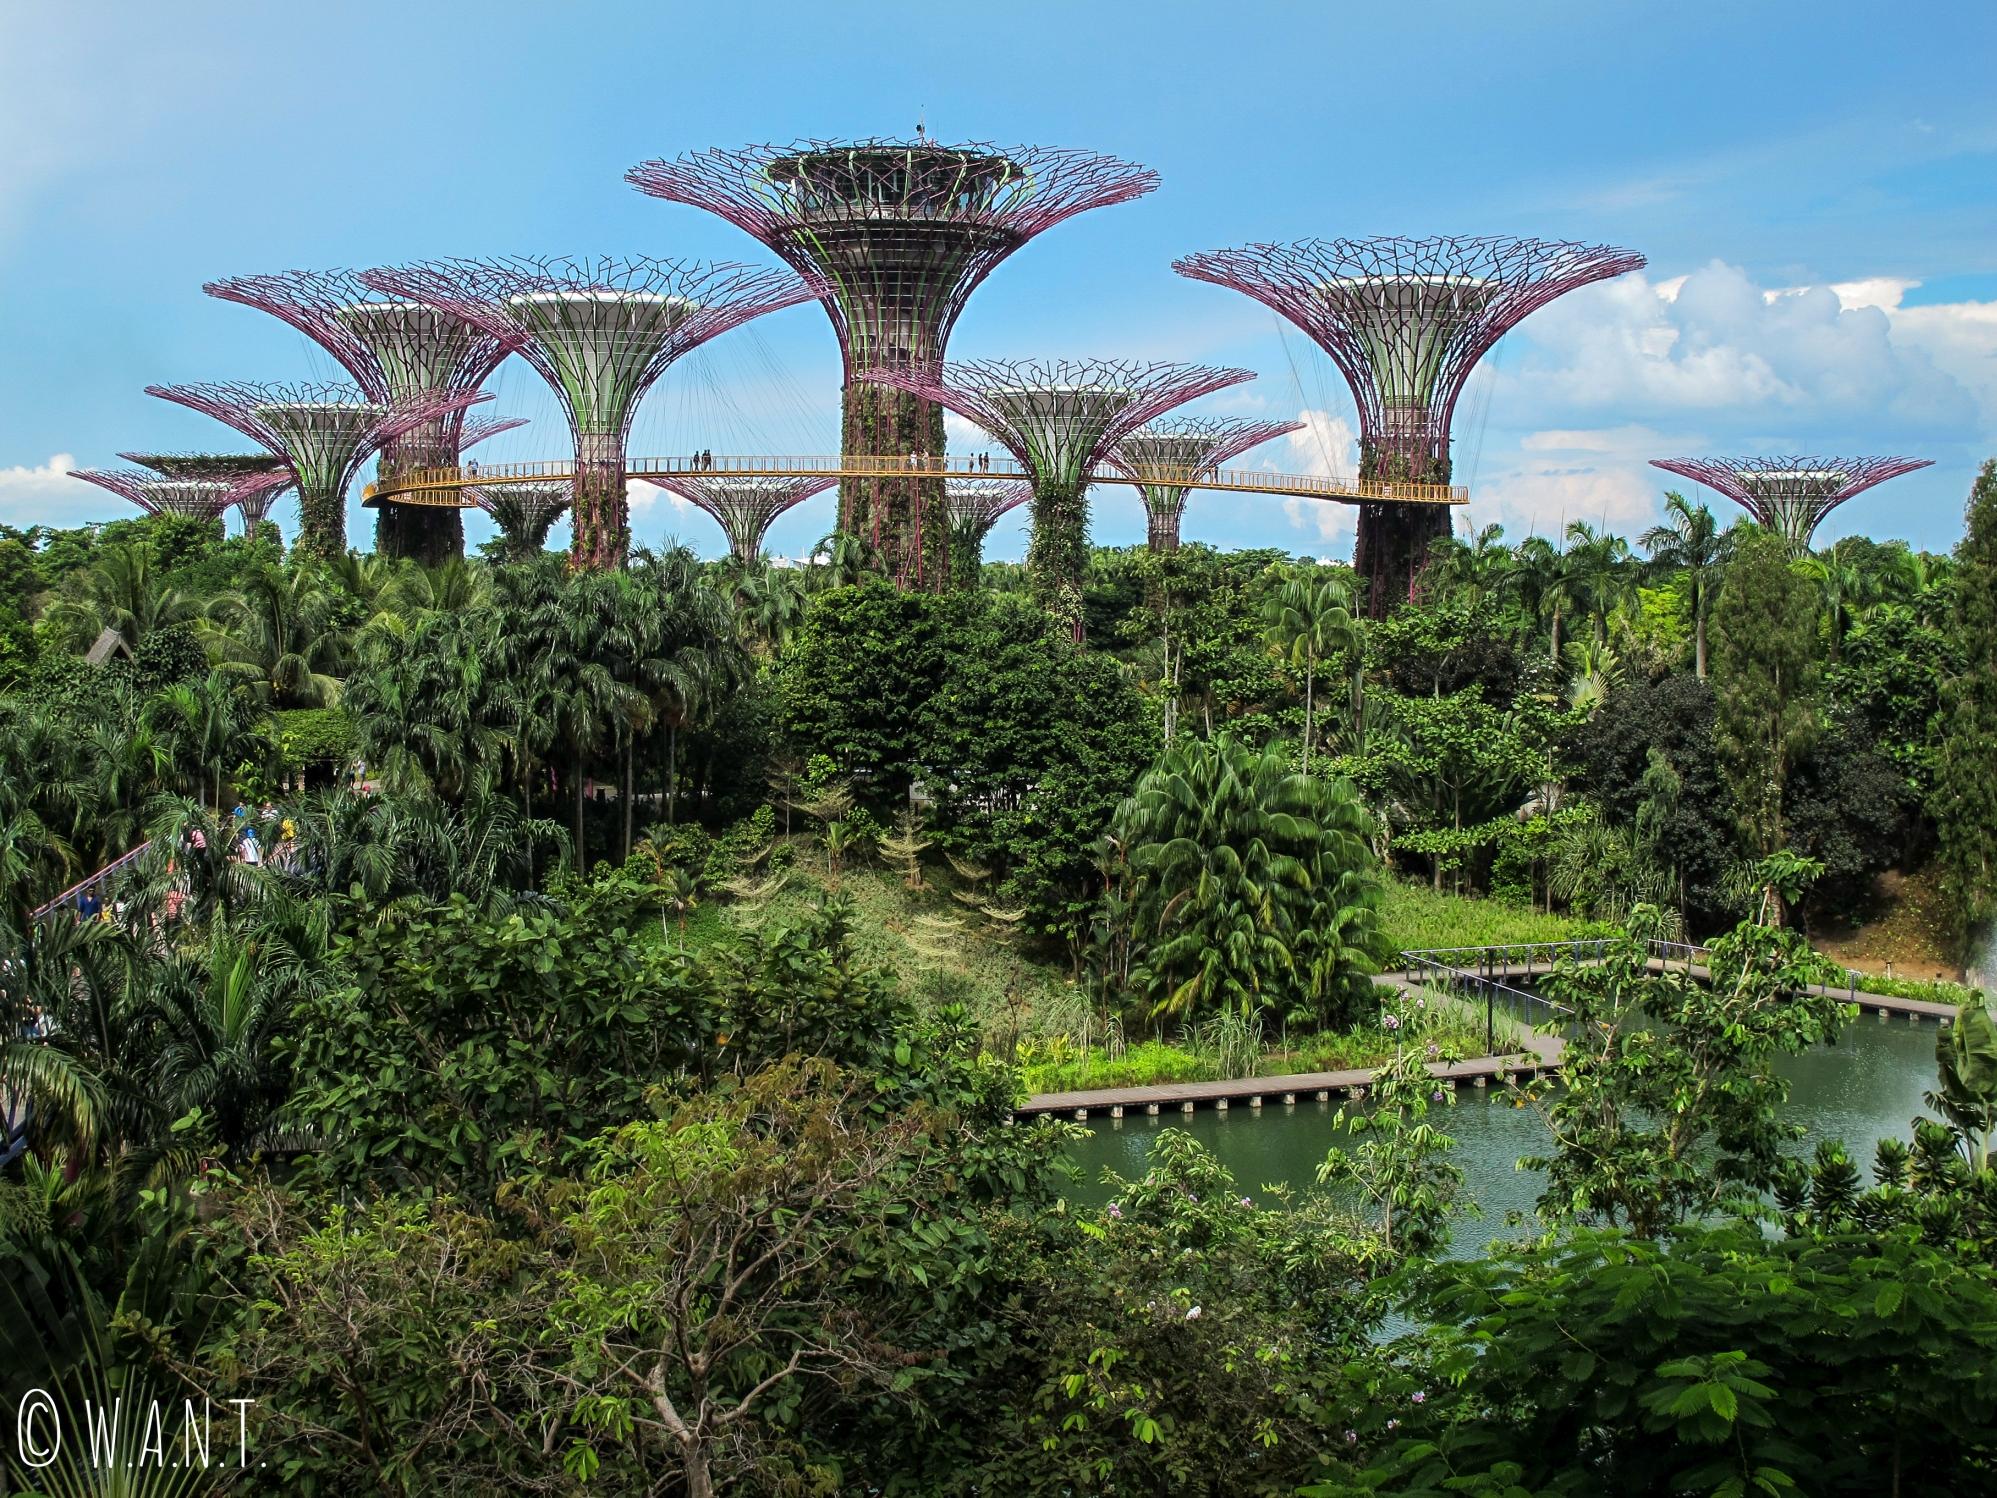 Vue sur les Supertrees situés au coeur de Gardens by the bay